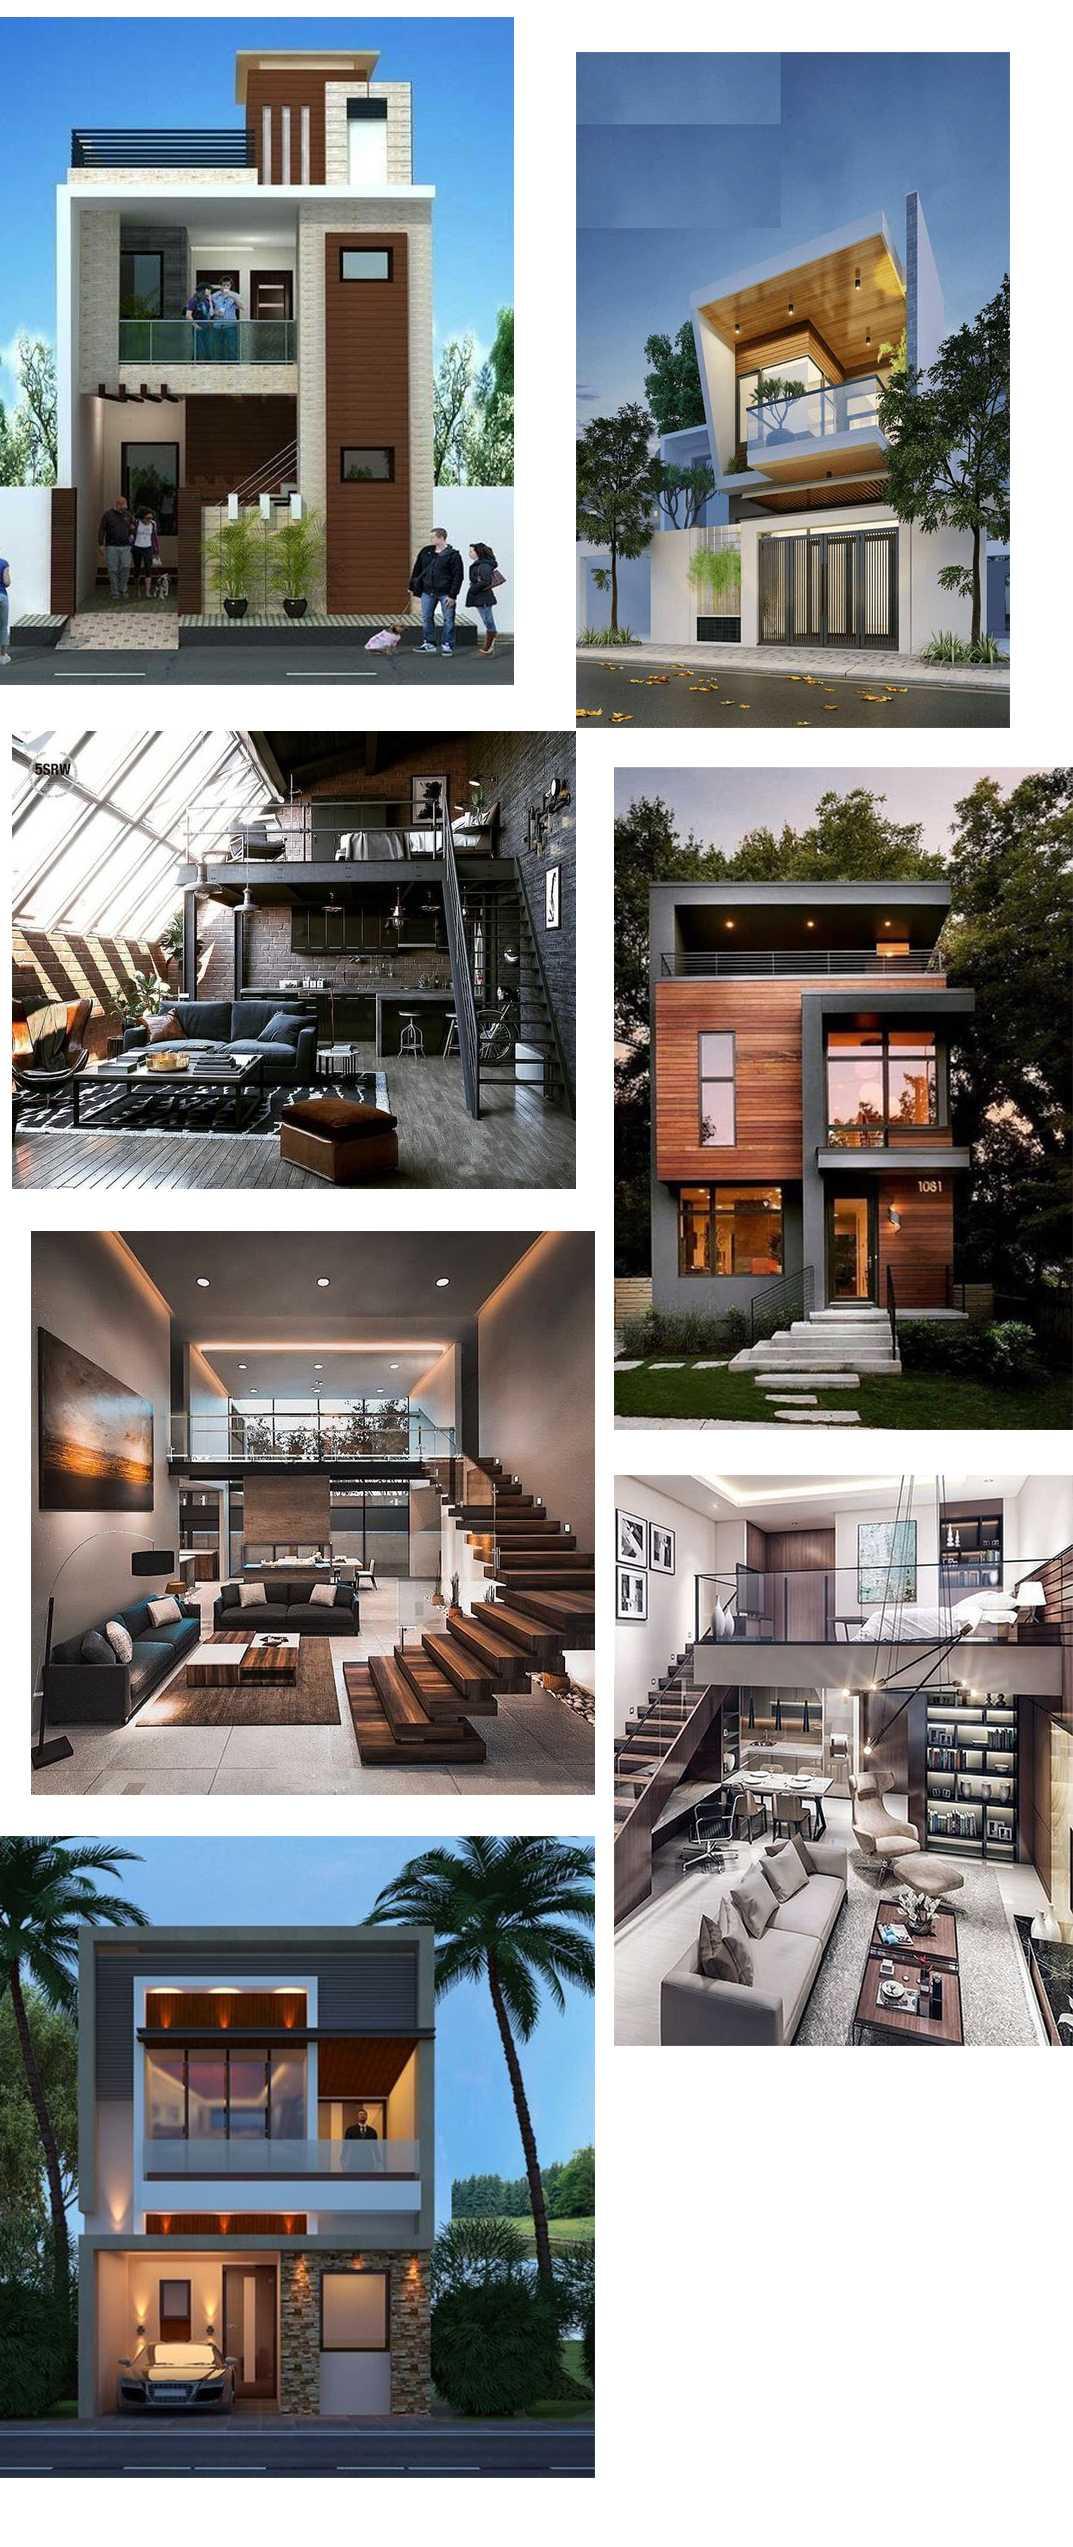 Thiết kế thi công xây dựng nhà quận 9